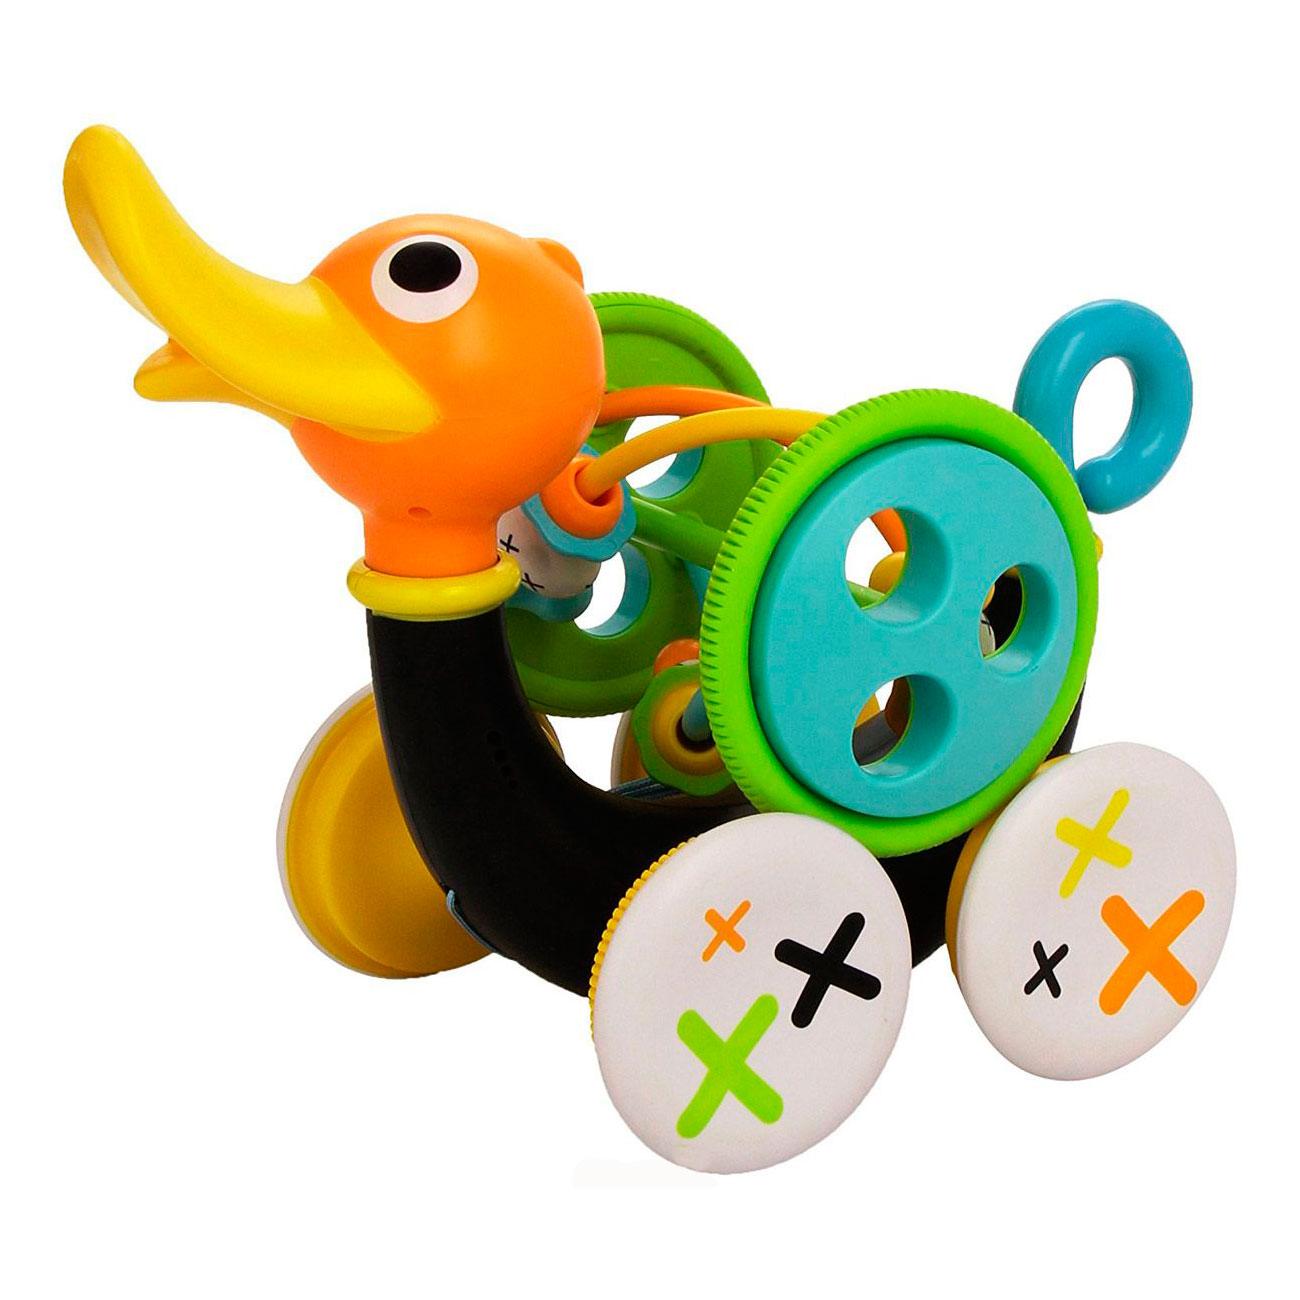 Развивающая игрушка Yookidoo Каталка-лабиринт Музыкальная уточка<br>